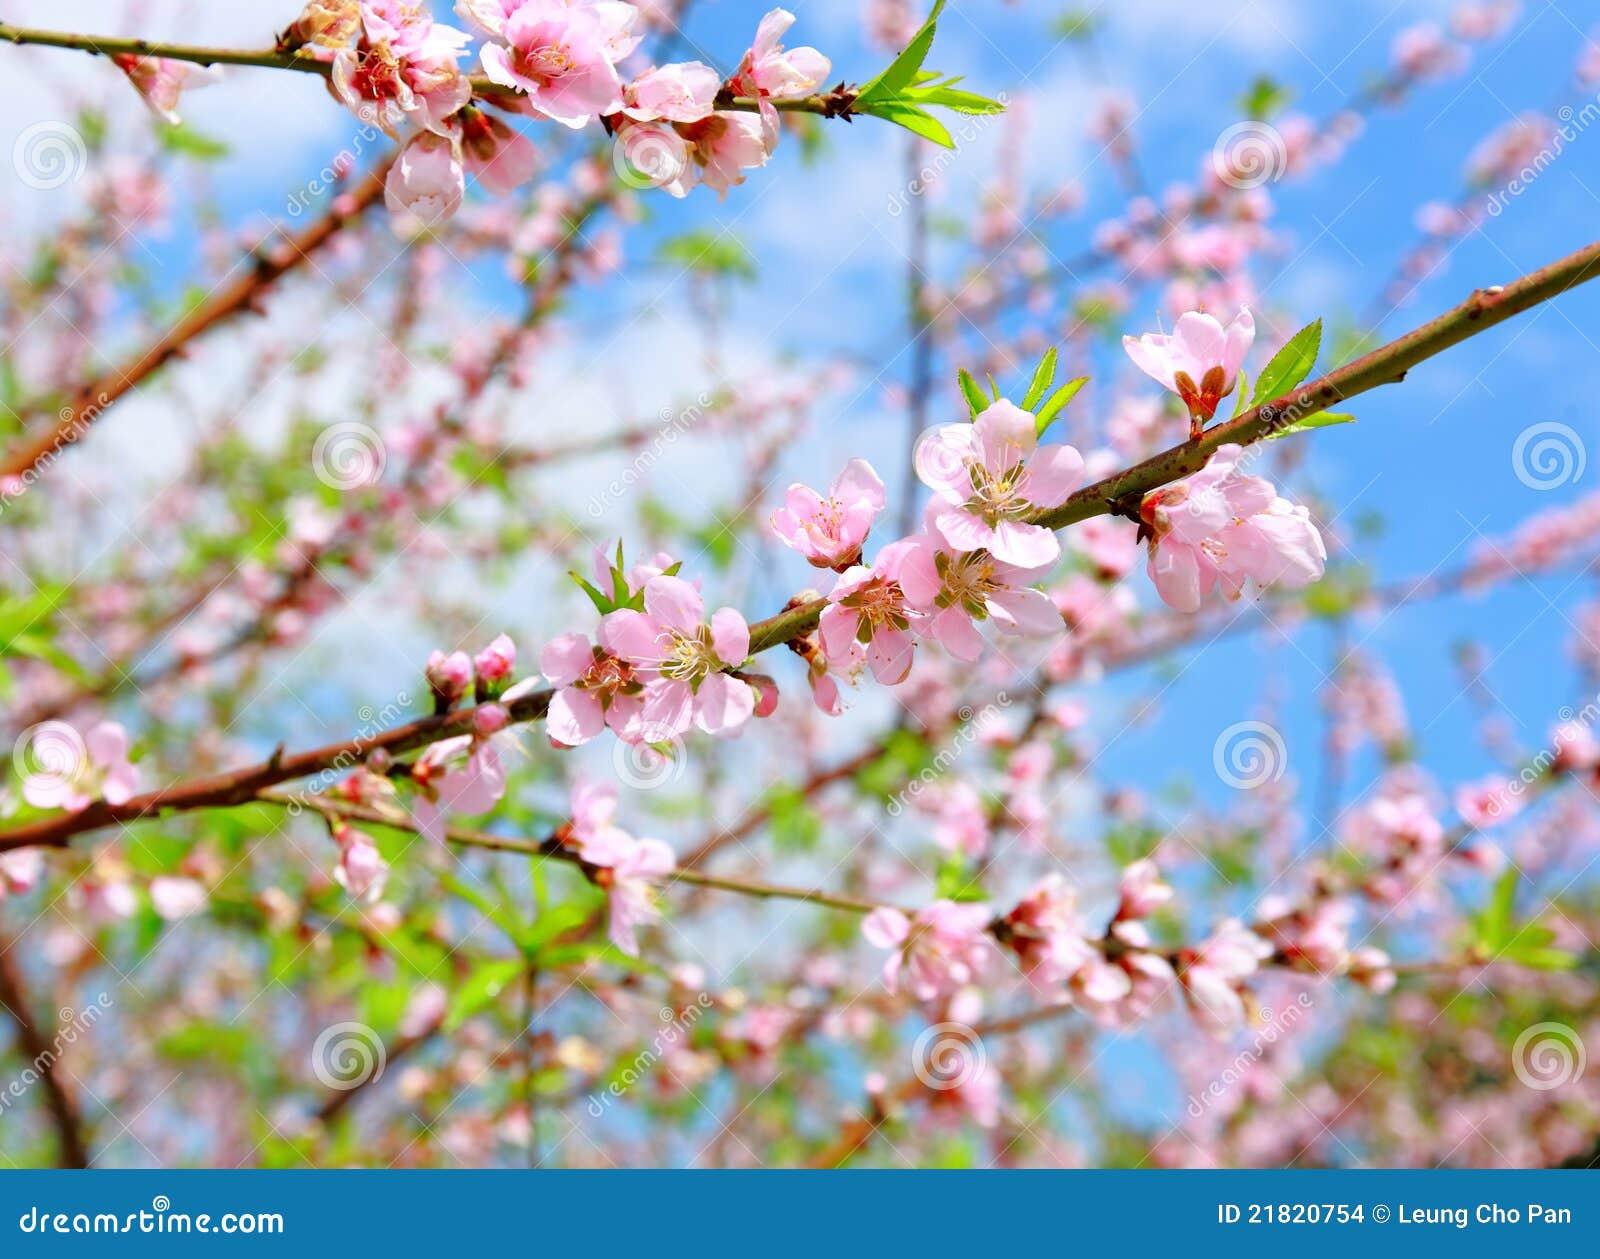 Κινεζικό νέο άνθος λουλούδι-ροδάκινων διακοσμήσεων έτους